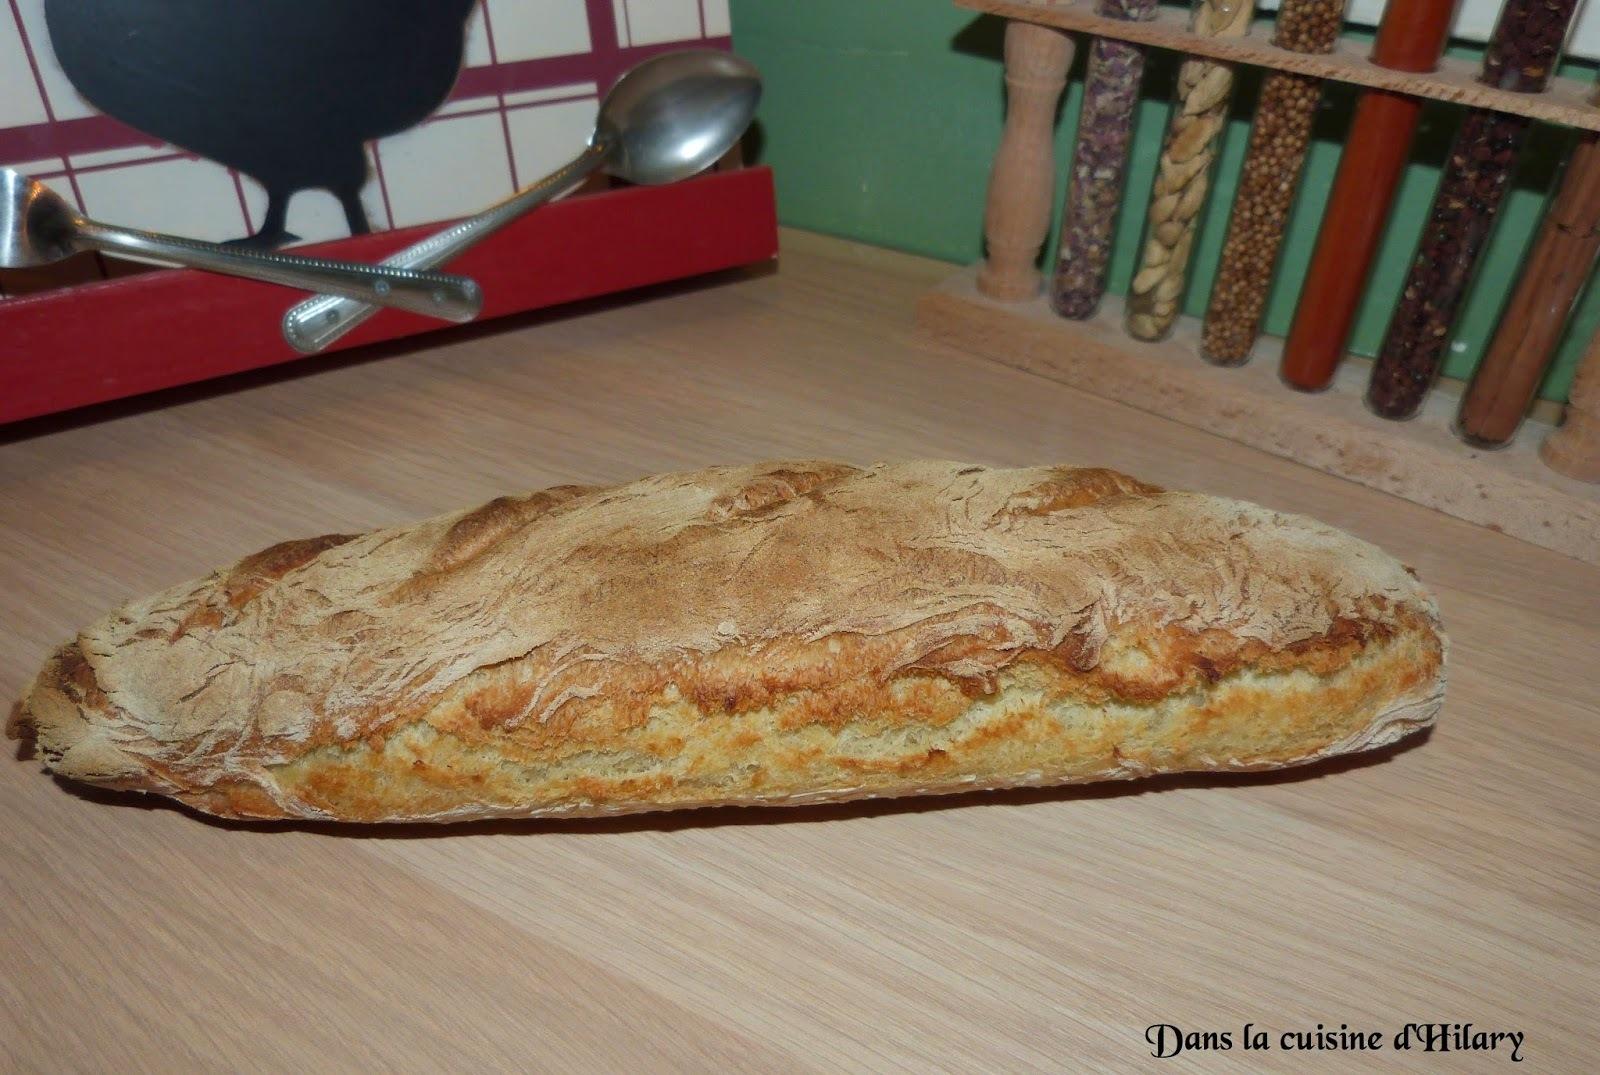 Baguette maison / Home-made baguette